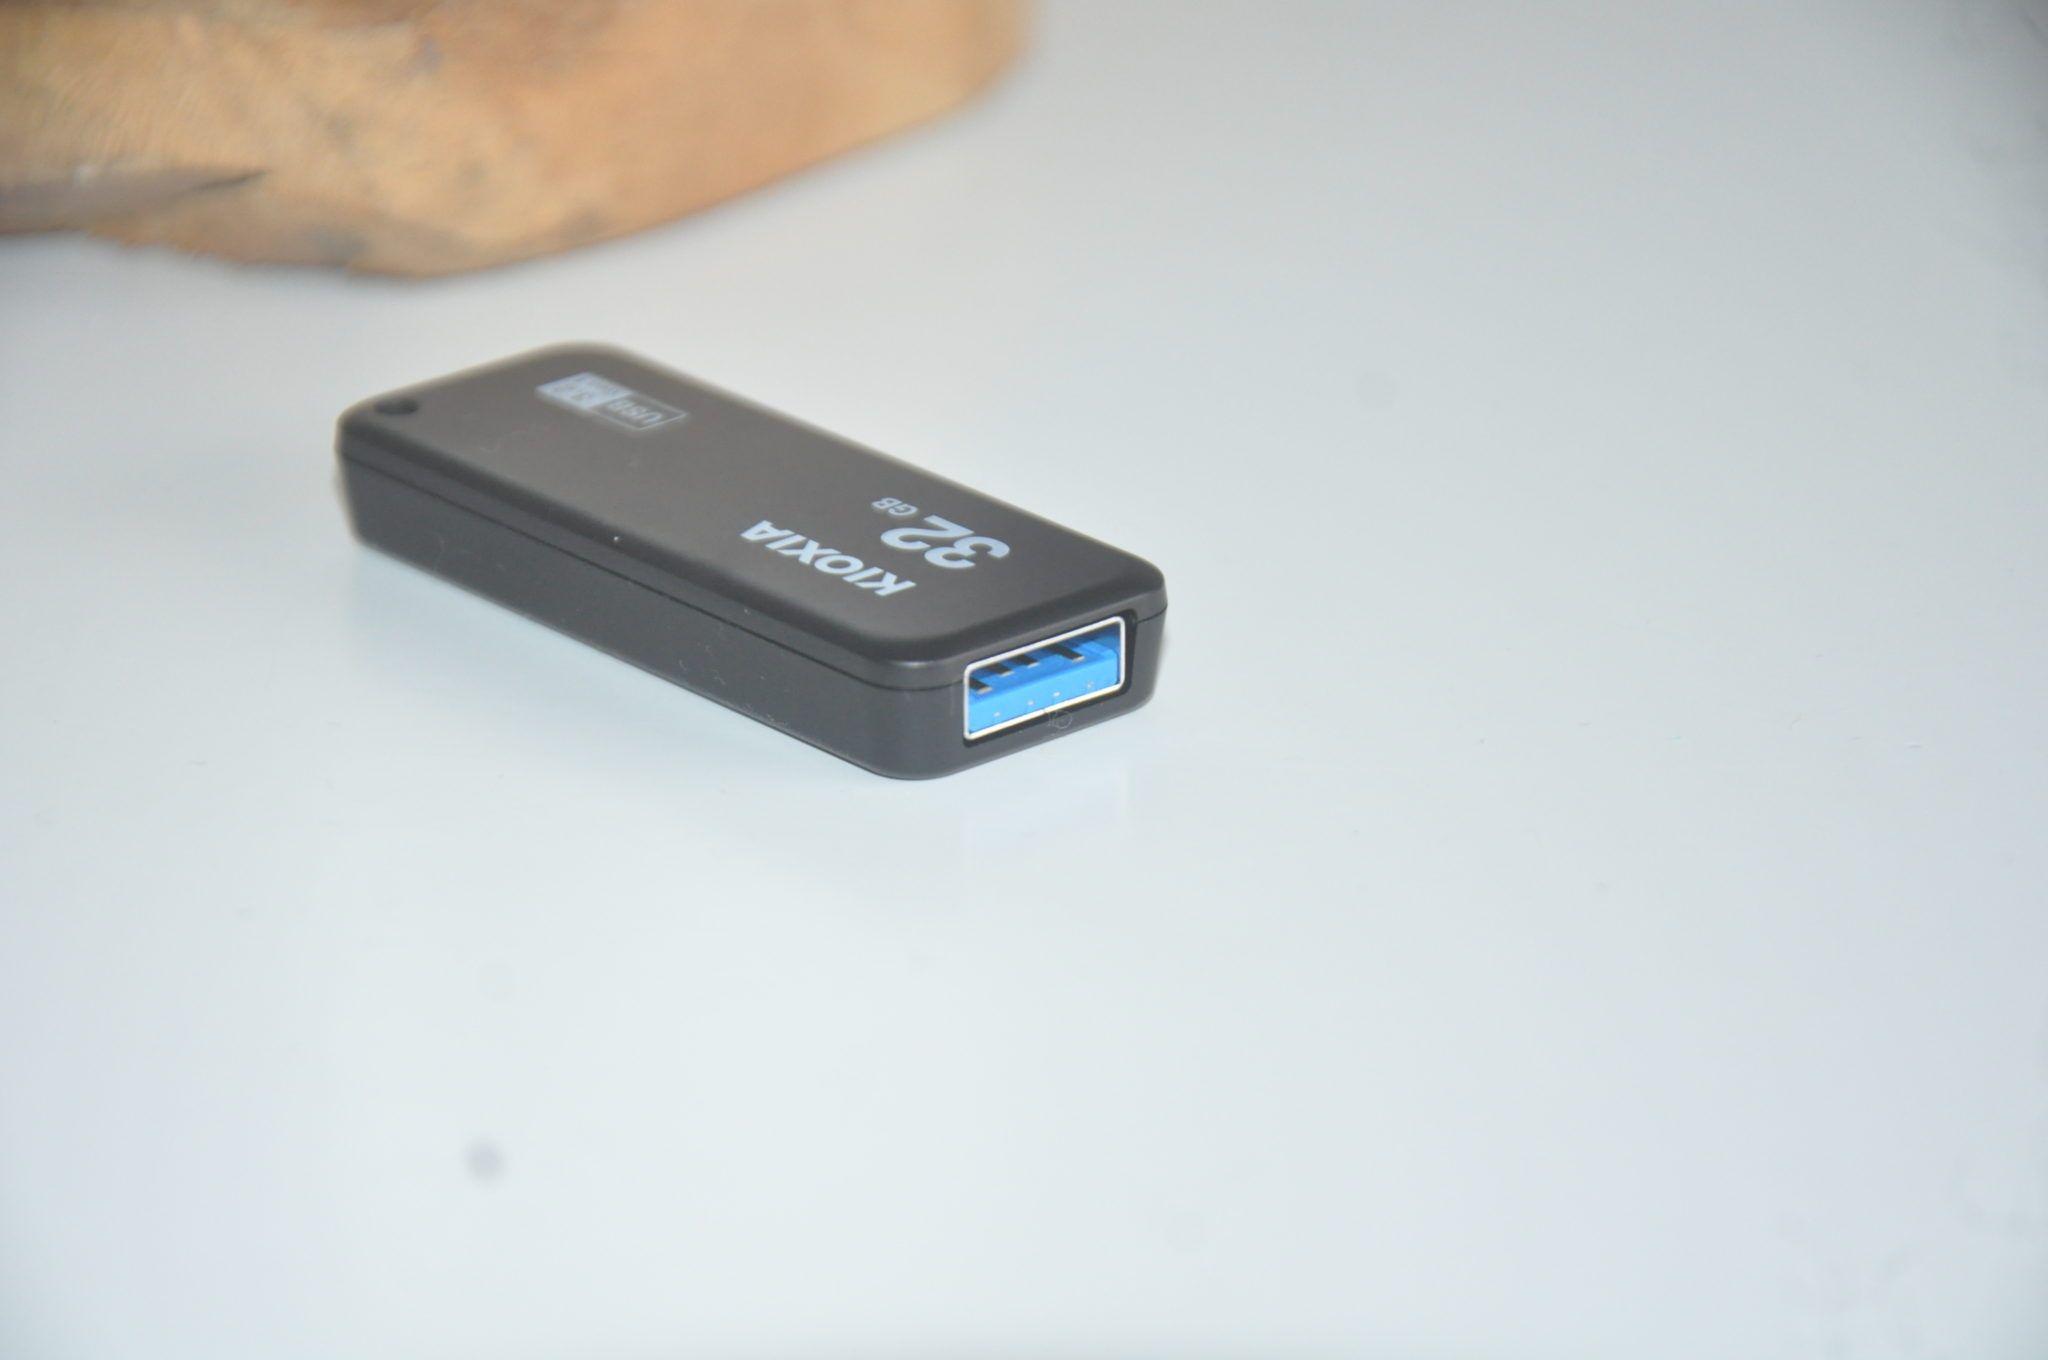 Review Kioxia Transmemory U365 32 GB 6